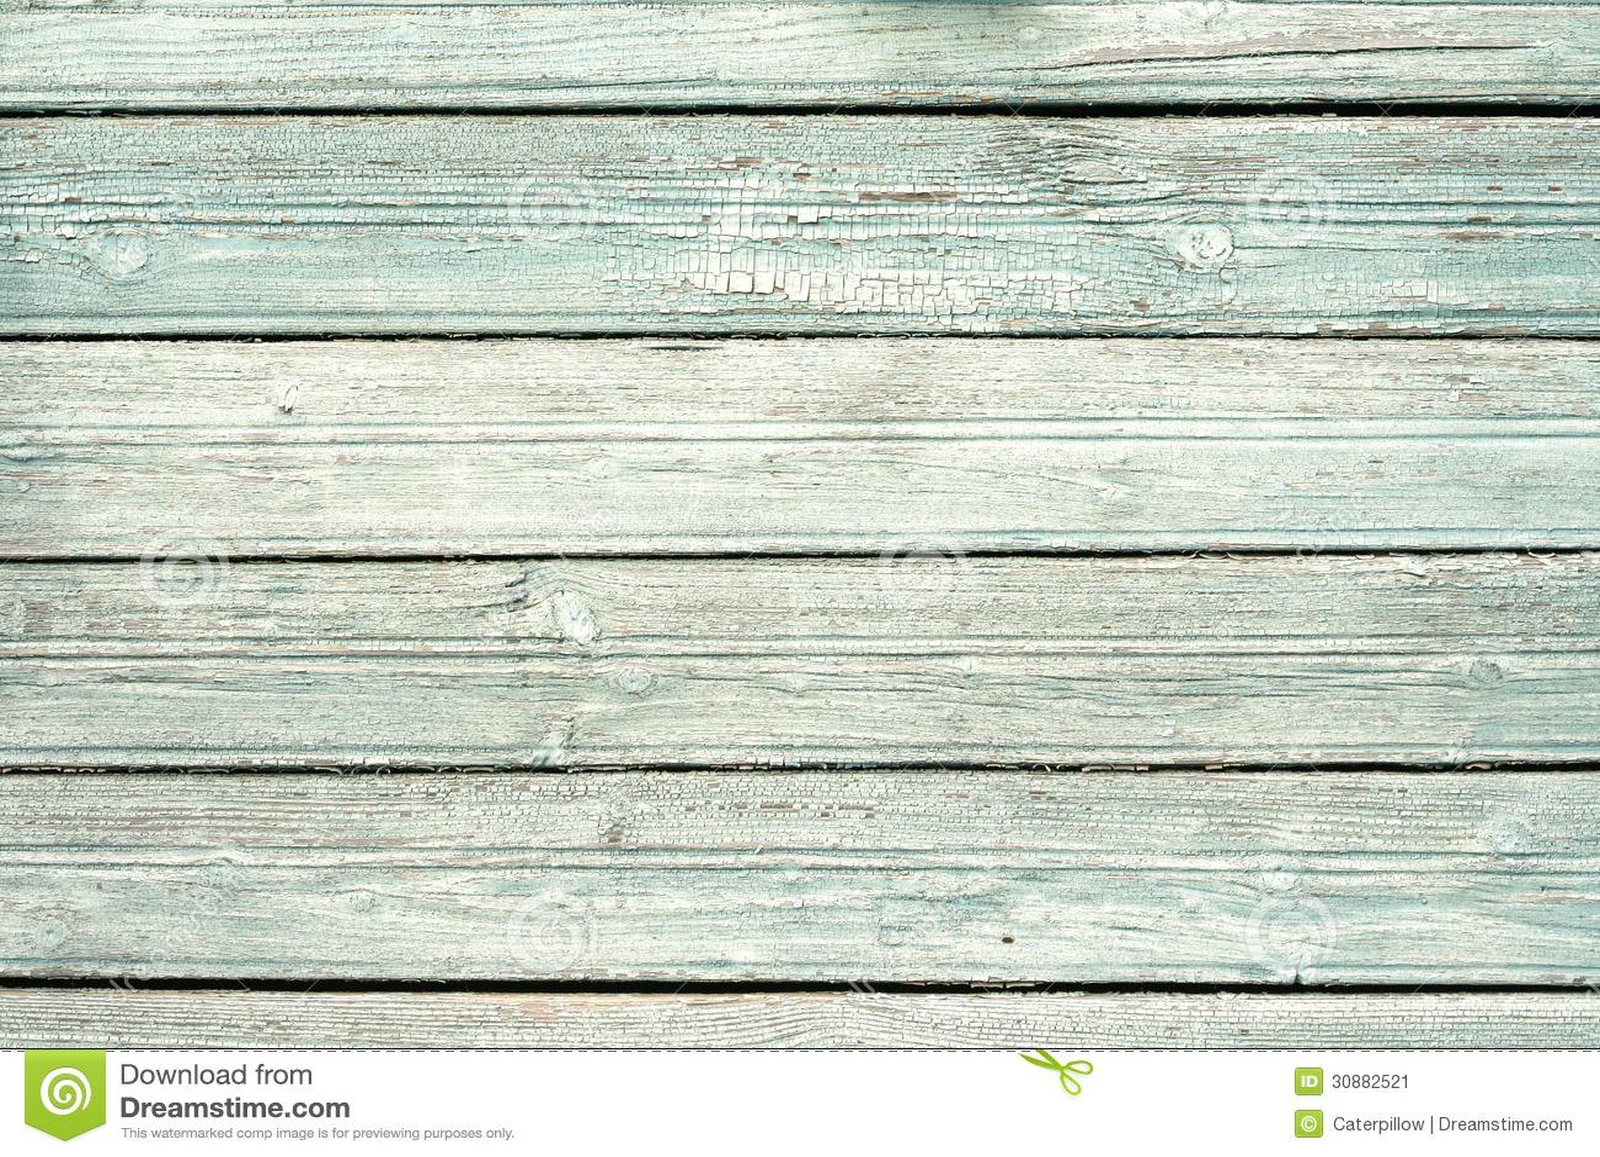 Shabby Wood Background Stock Image. Image Of Striped